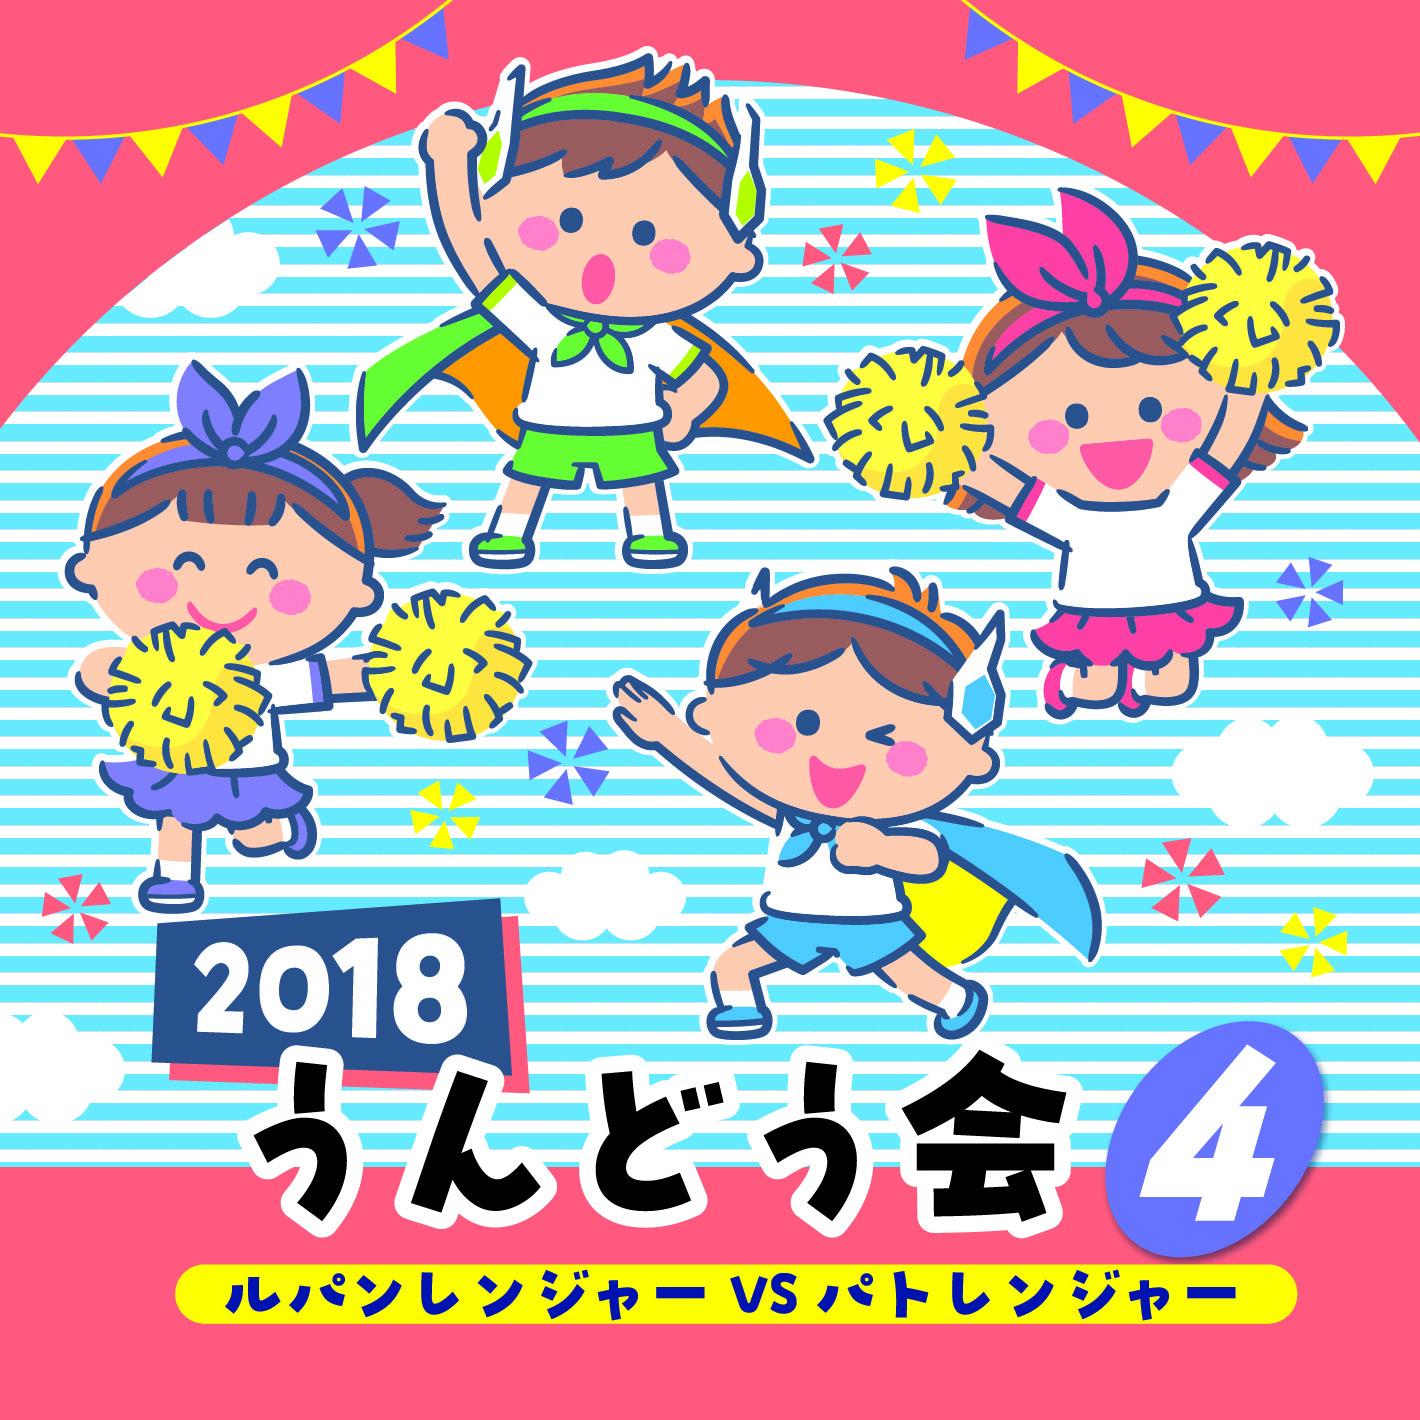 2018うんどう会(4)ルパンレンジャーVSパトレンジャー